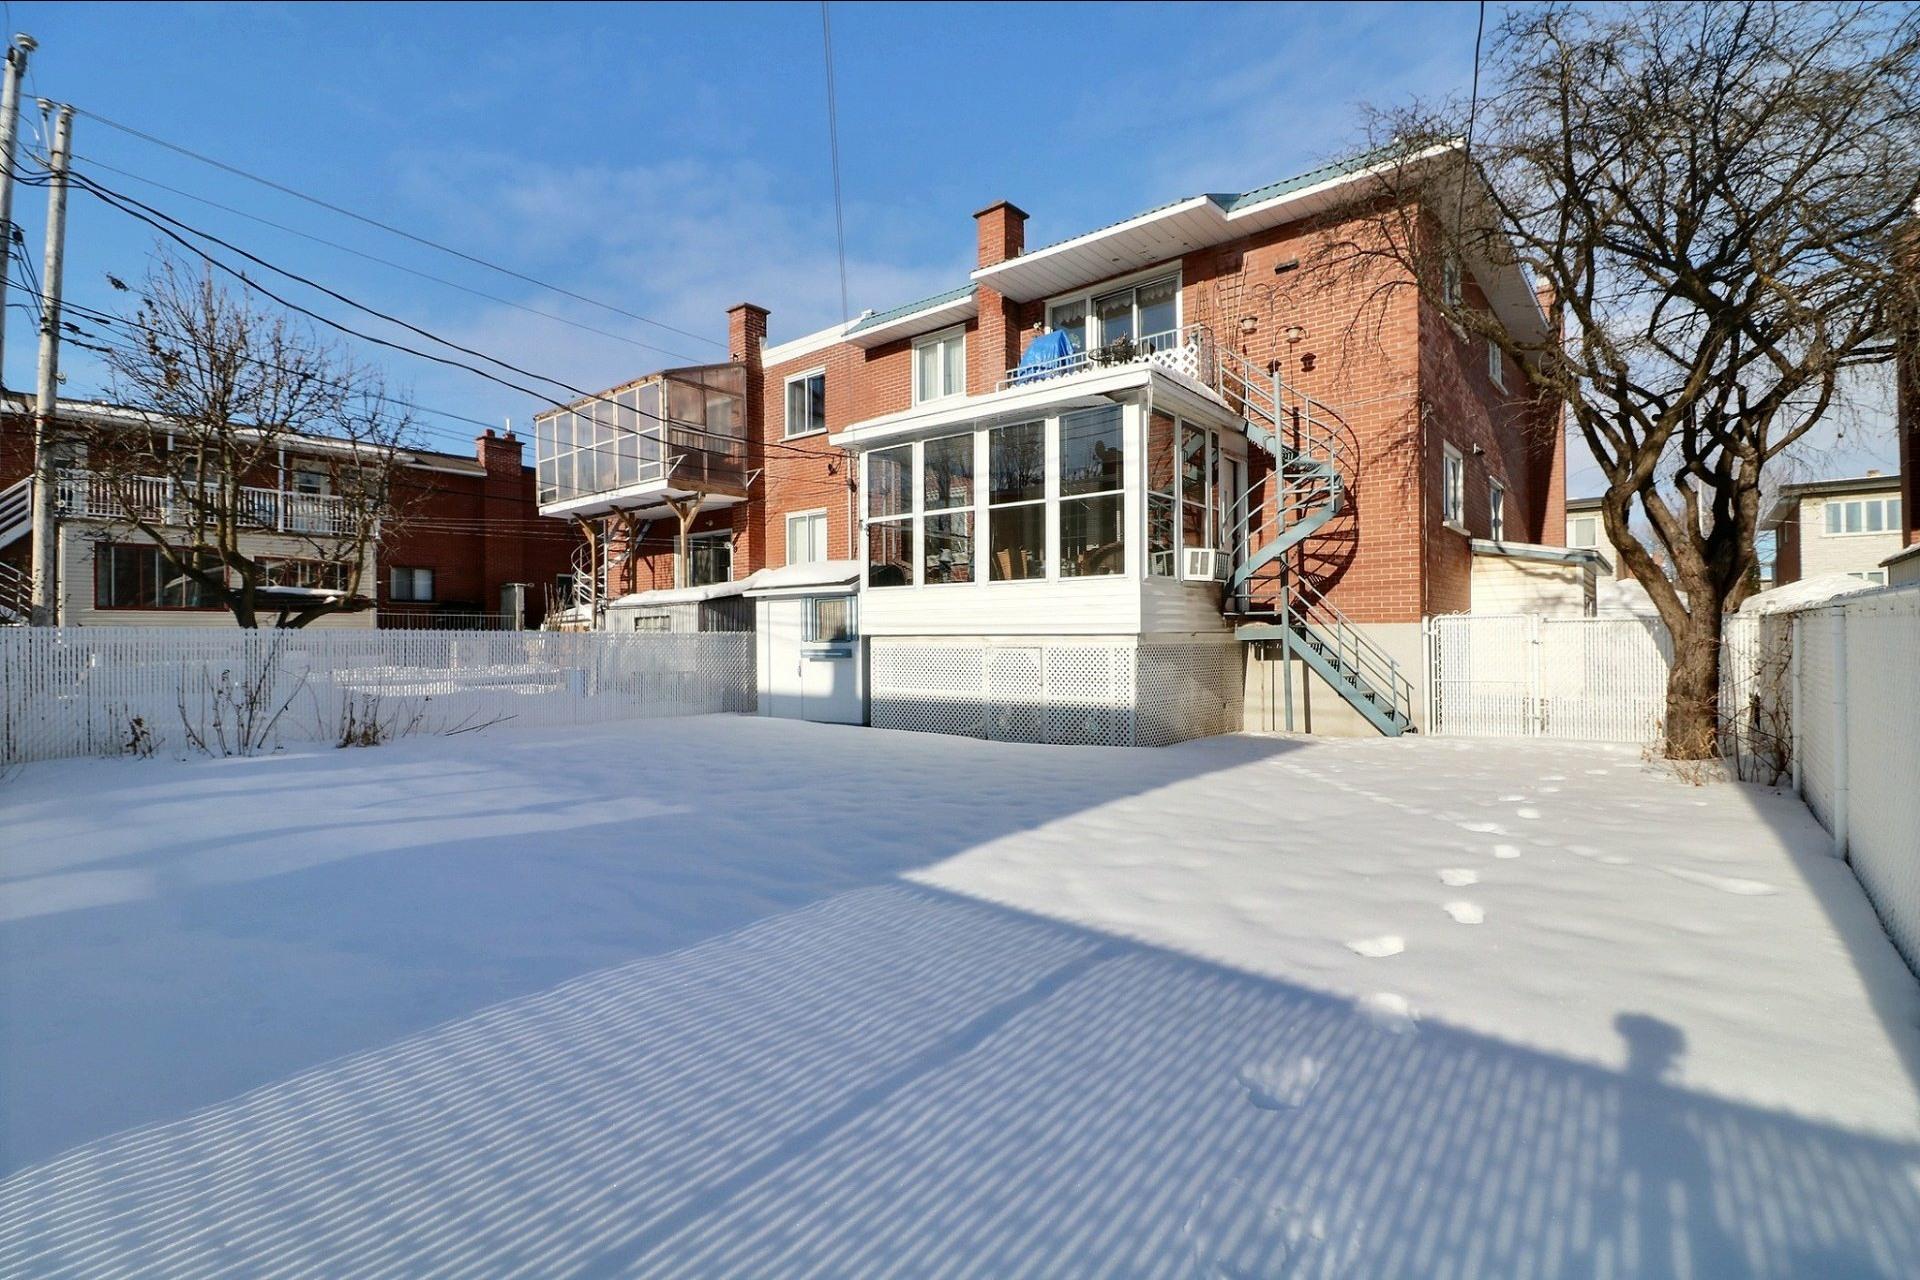 image 22 - Duplex À vendre Montréal-Nord Montréal  - 5 pièces